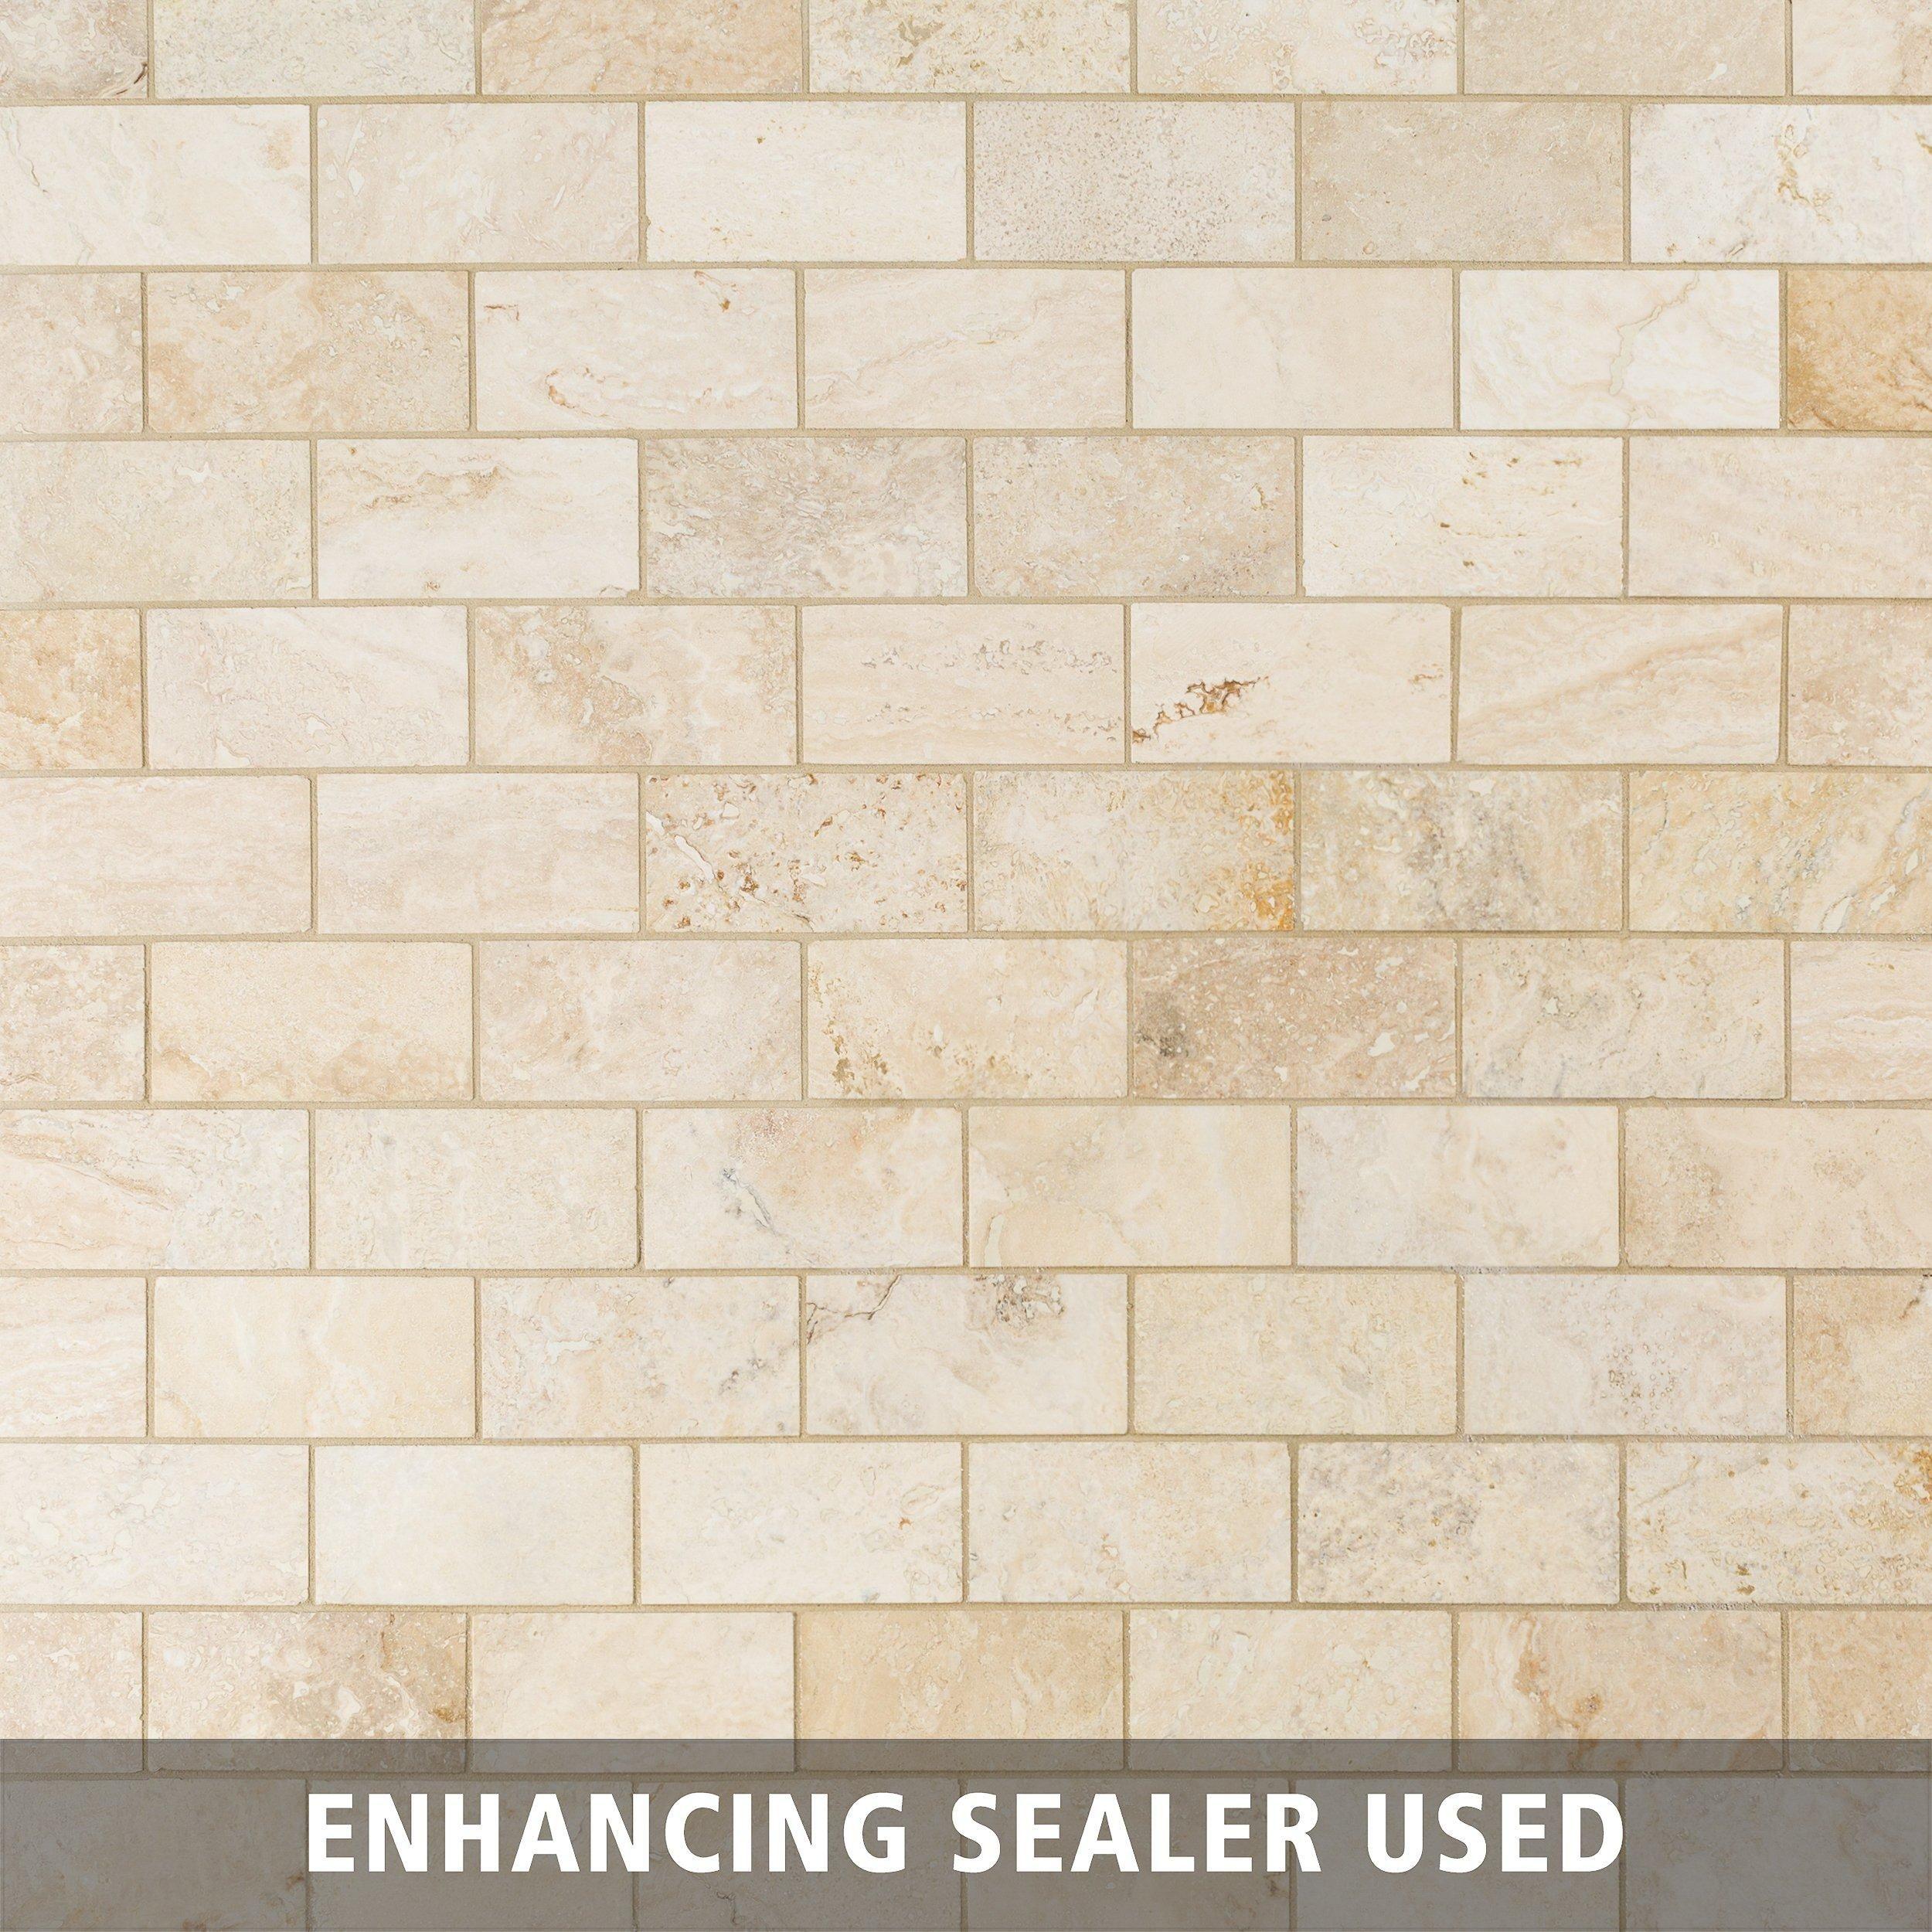 Cote D Azur Brushed Travertine Tile Floor Decor Travertine Tile Travertine Stone Backsplash